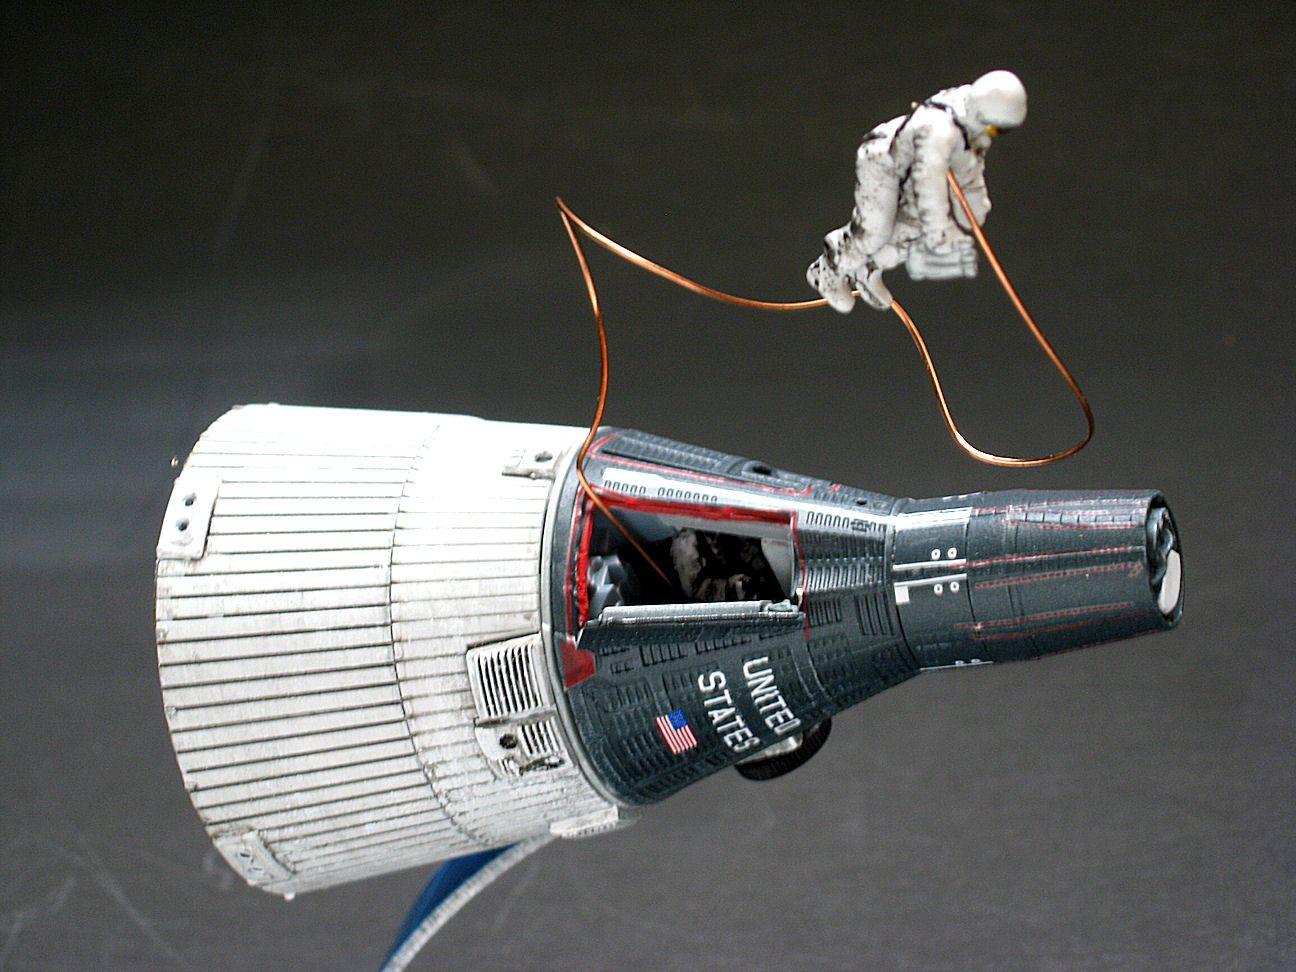 dragon spacecraft models - HD1296×972